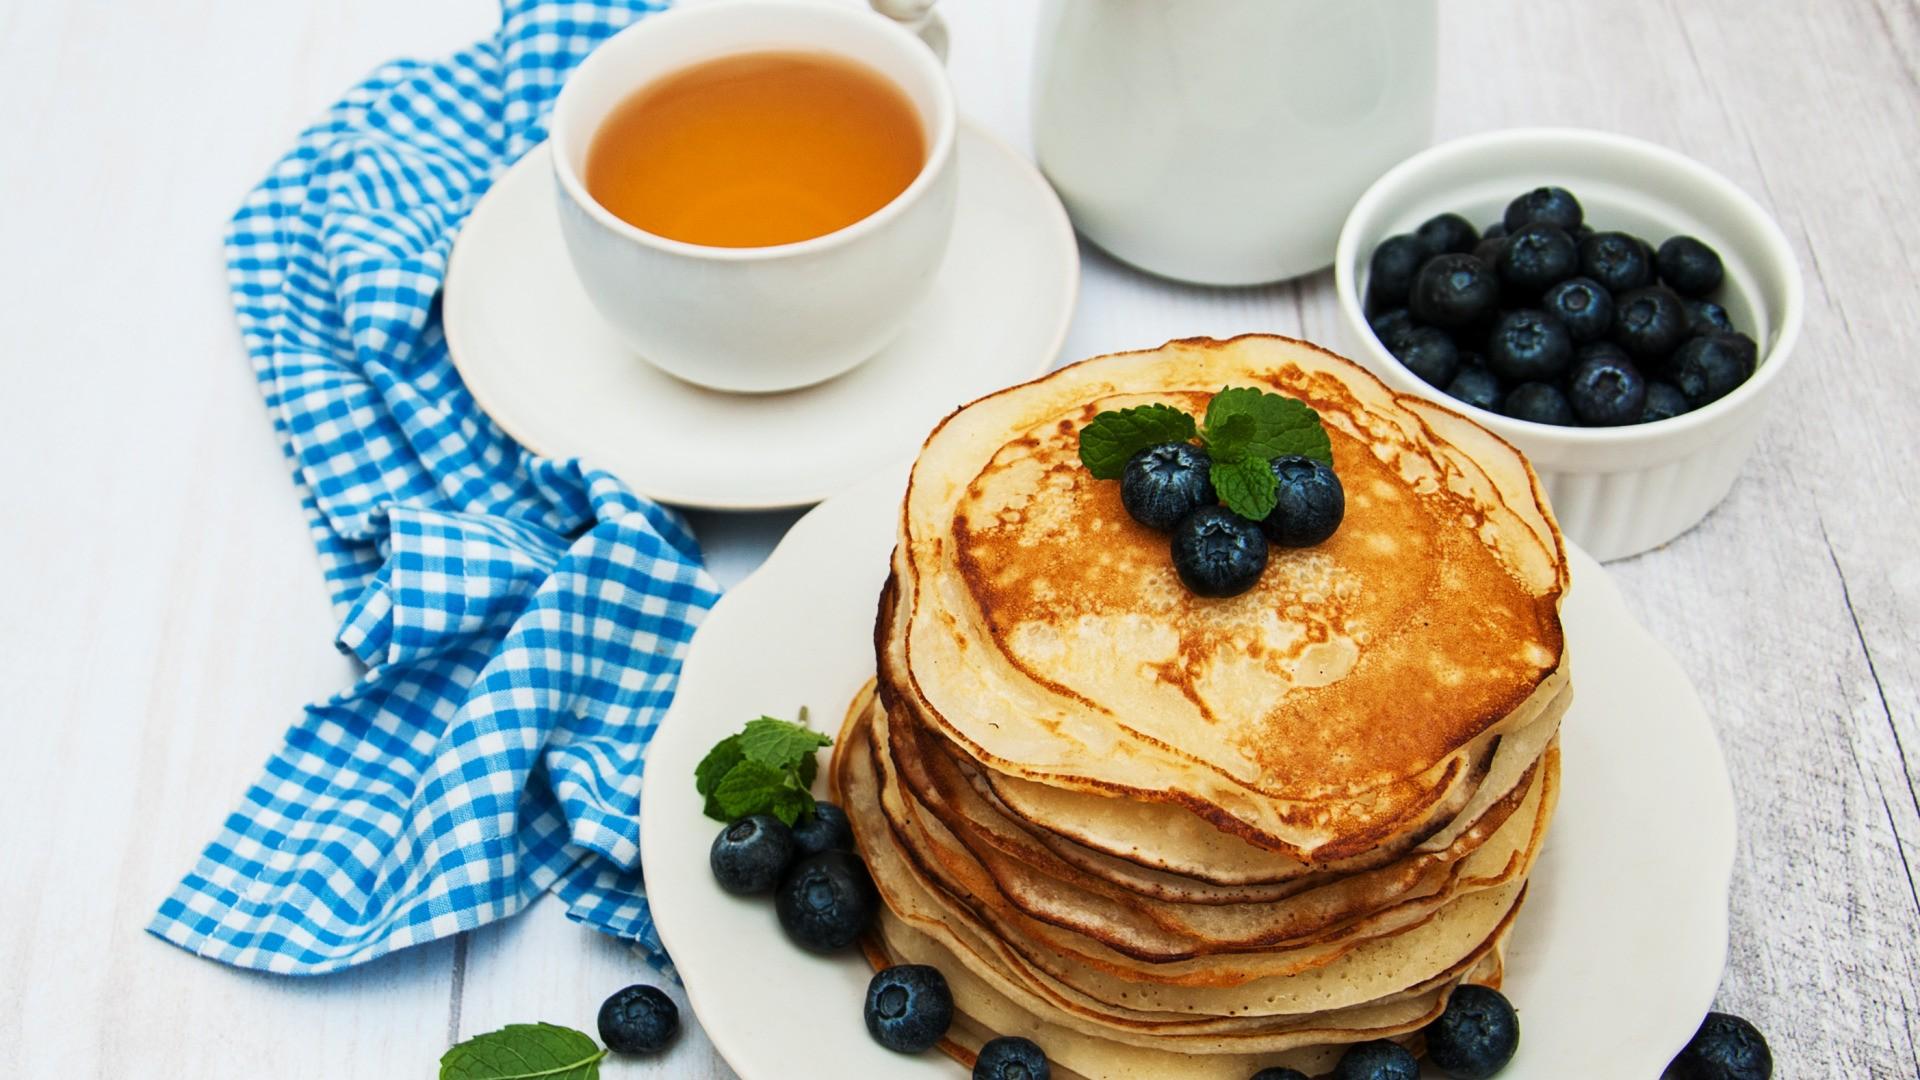 Pancake laptop background wallpaper